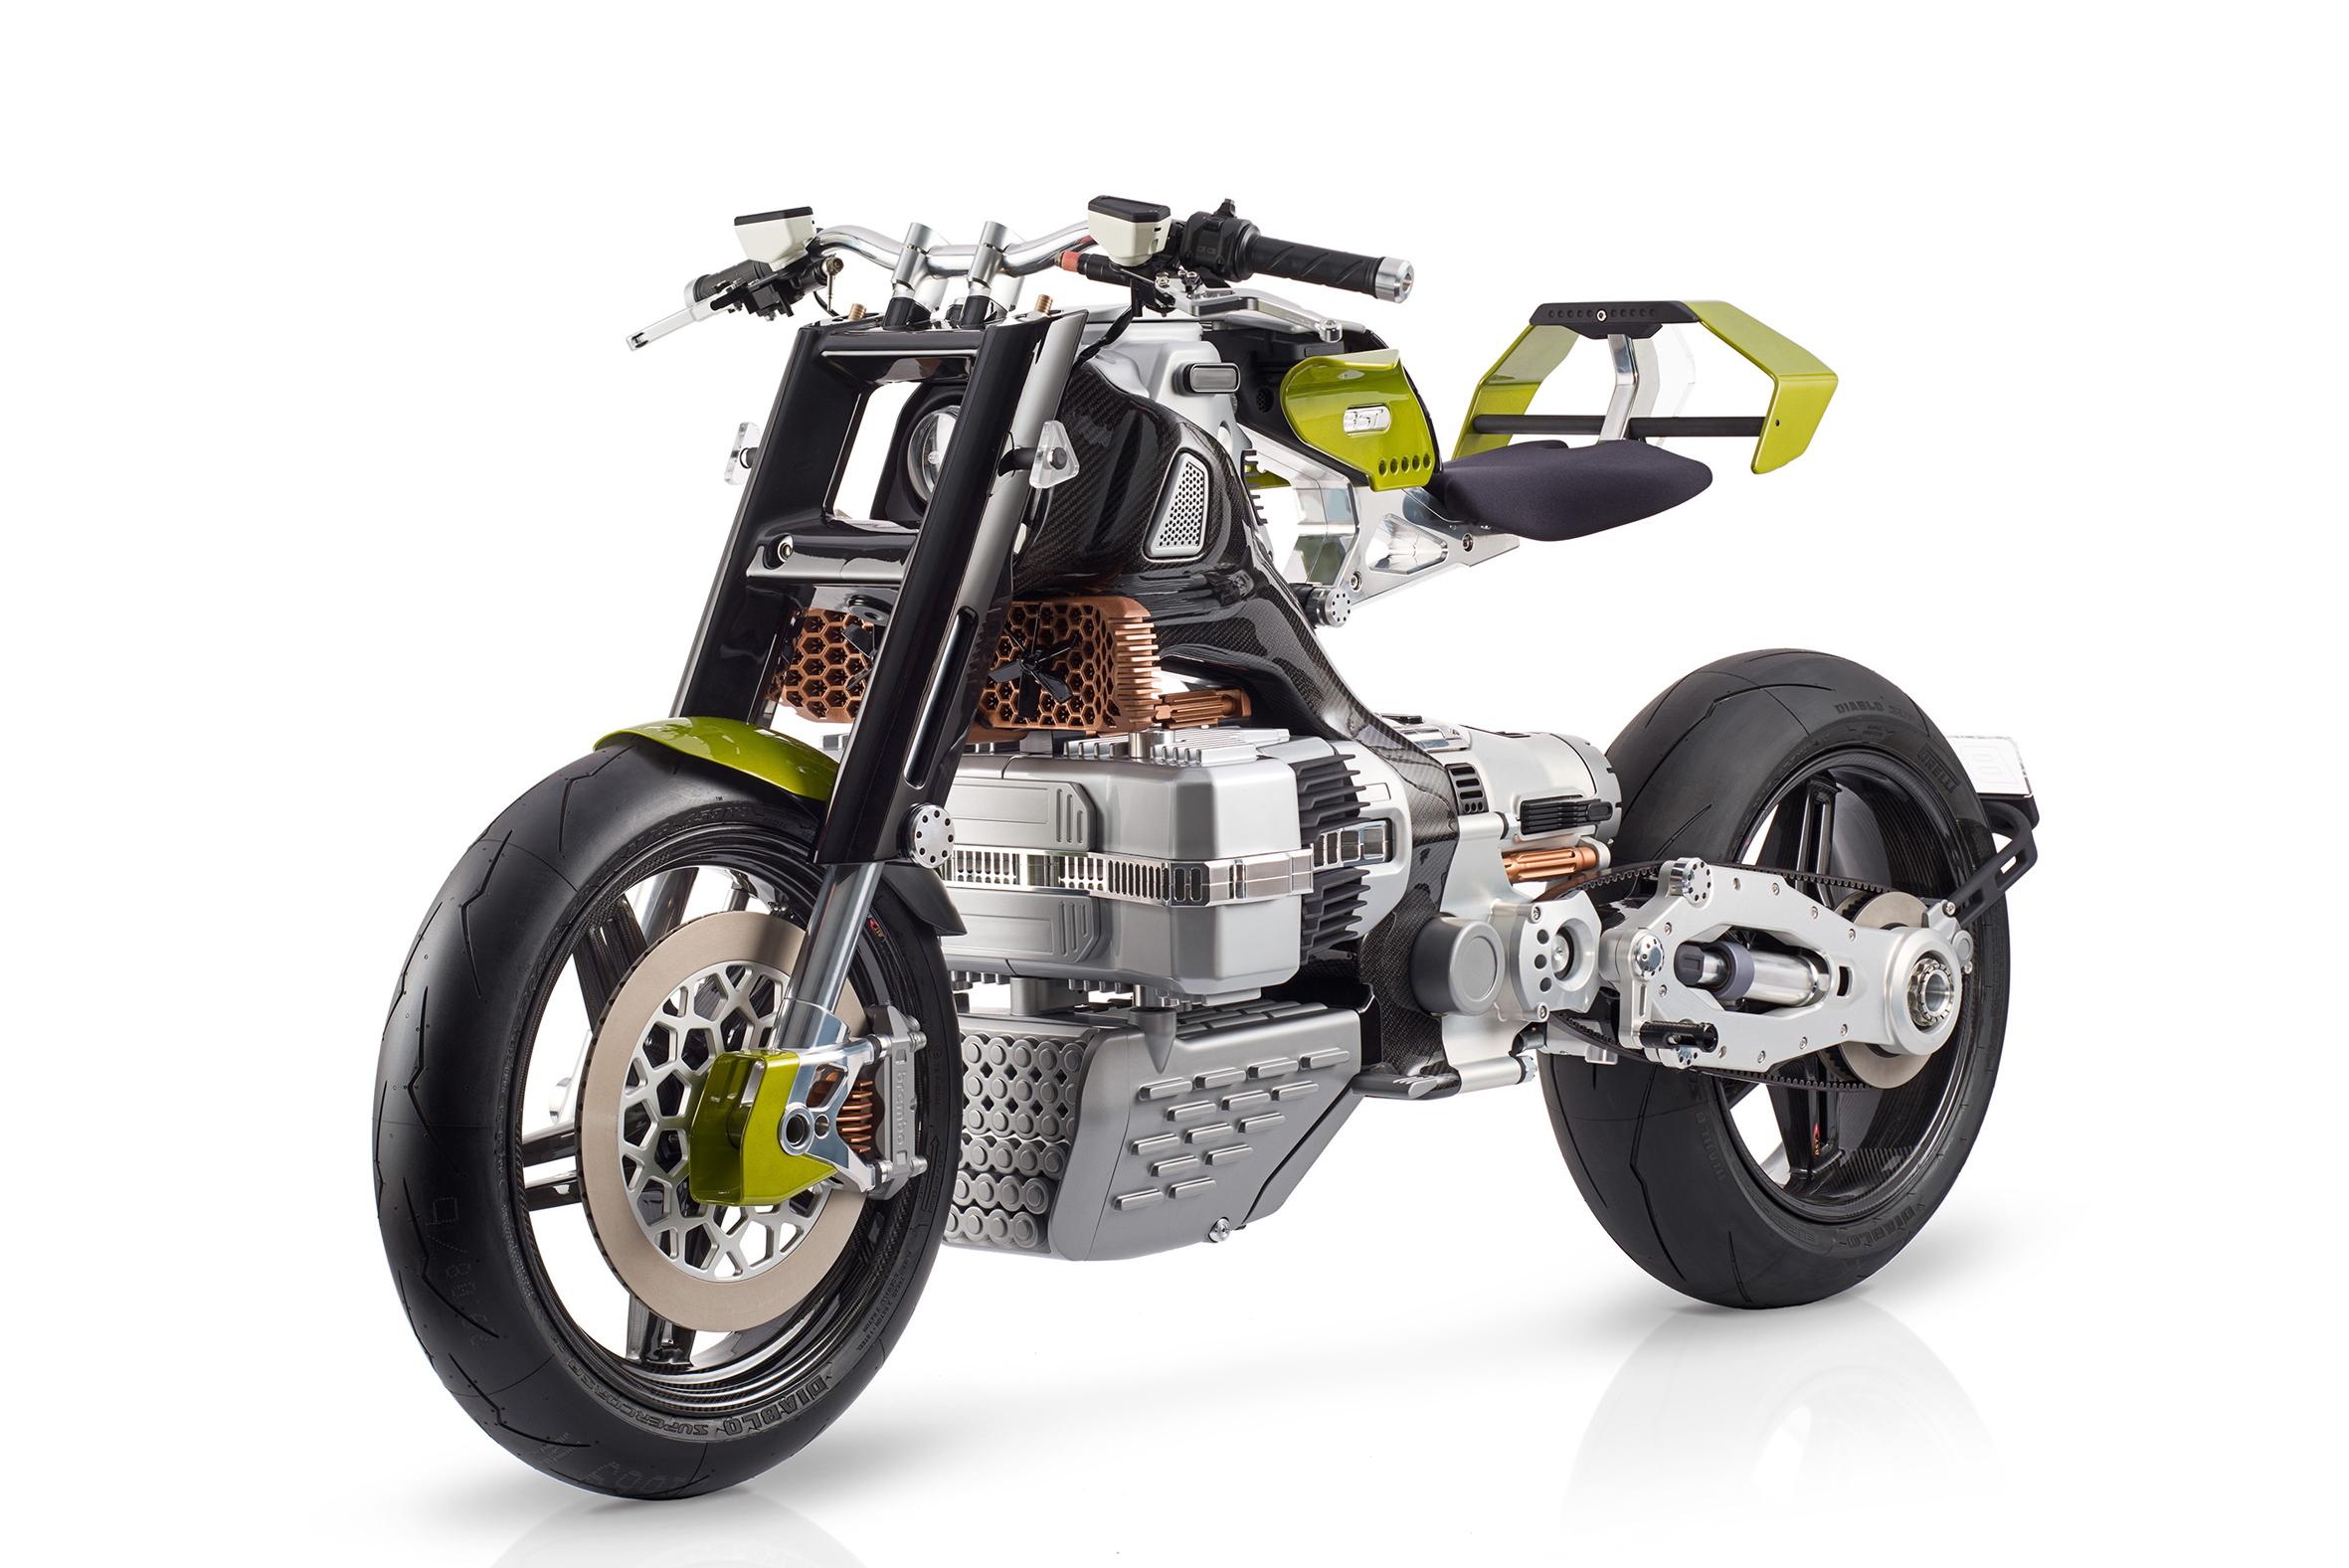 HyperTEK : cette moto électrique tape-à-l'œil en a clairement dans le ventre